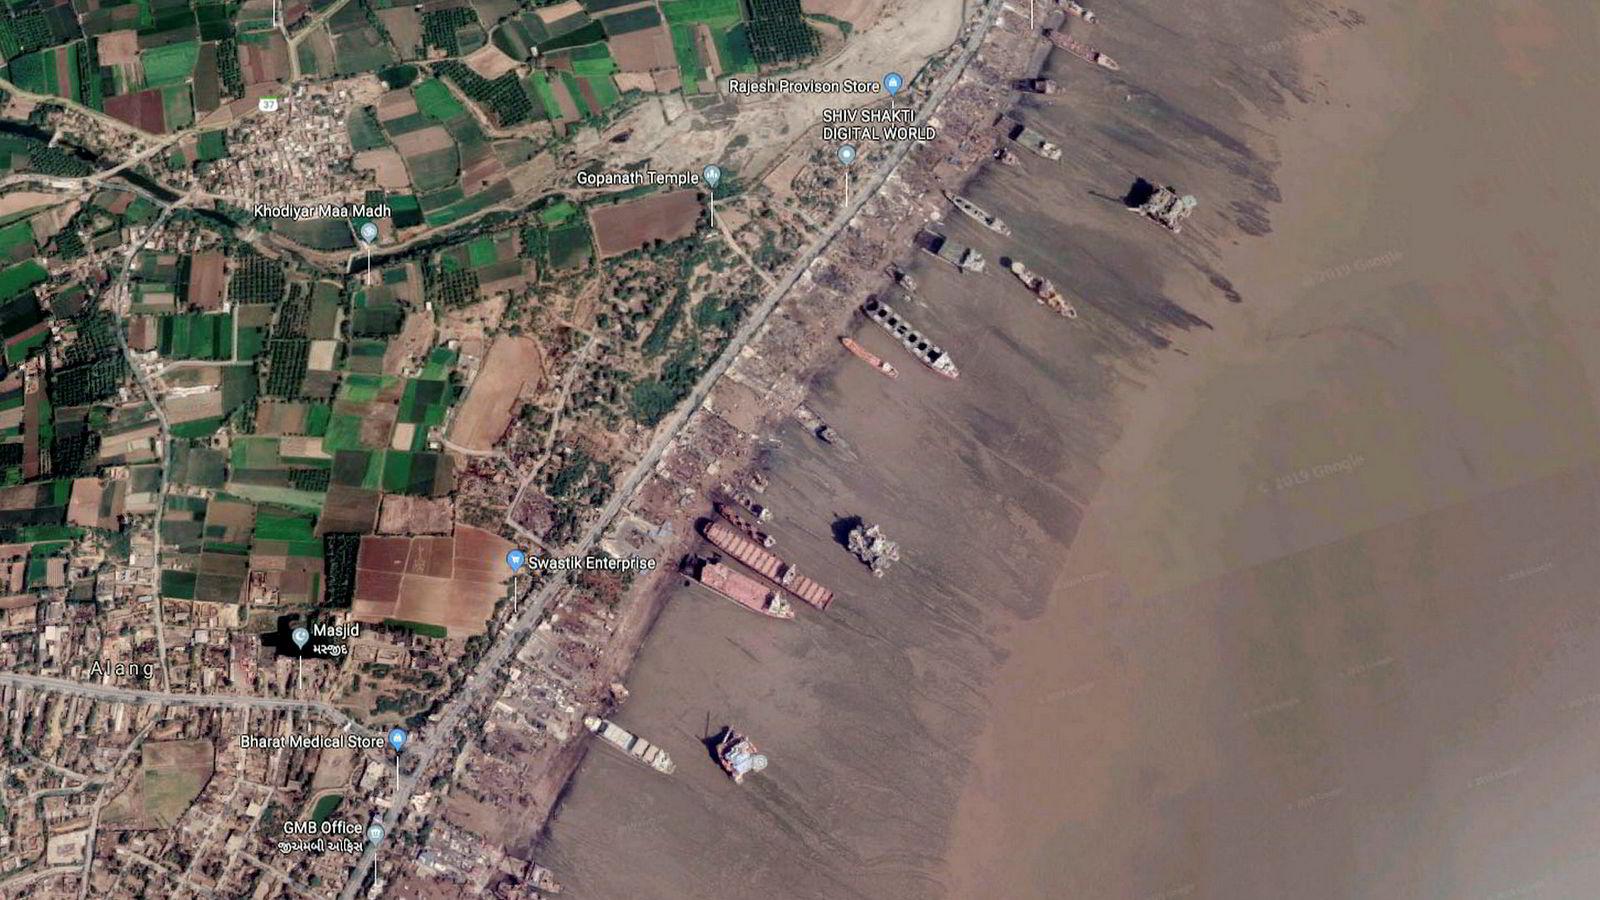 Satellittfoto fra Google Maps over Alang i India, en by velkjent i shippingbransjen for sin store industri innen skipshugging. Hvorvidt verftene i Alang er trygge nok for arbeidere og miljø, er omdiskutert. Ingen av Alangs verft er hittil godkjent for skraping av norske og europeiske skip.